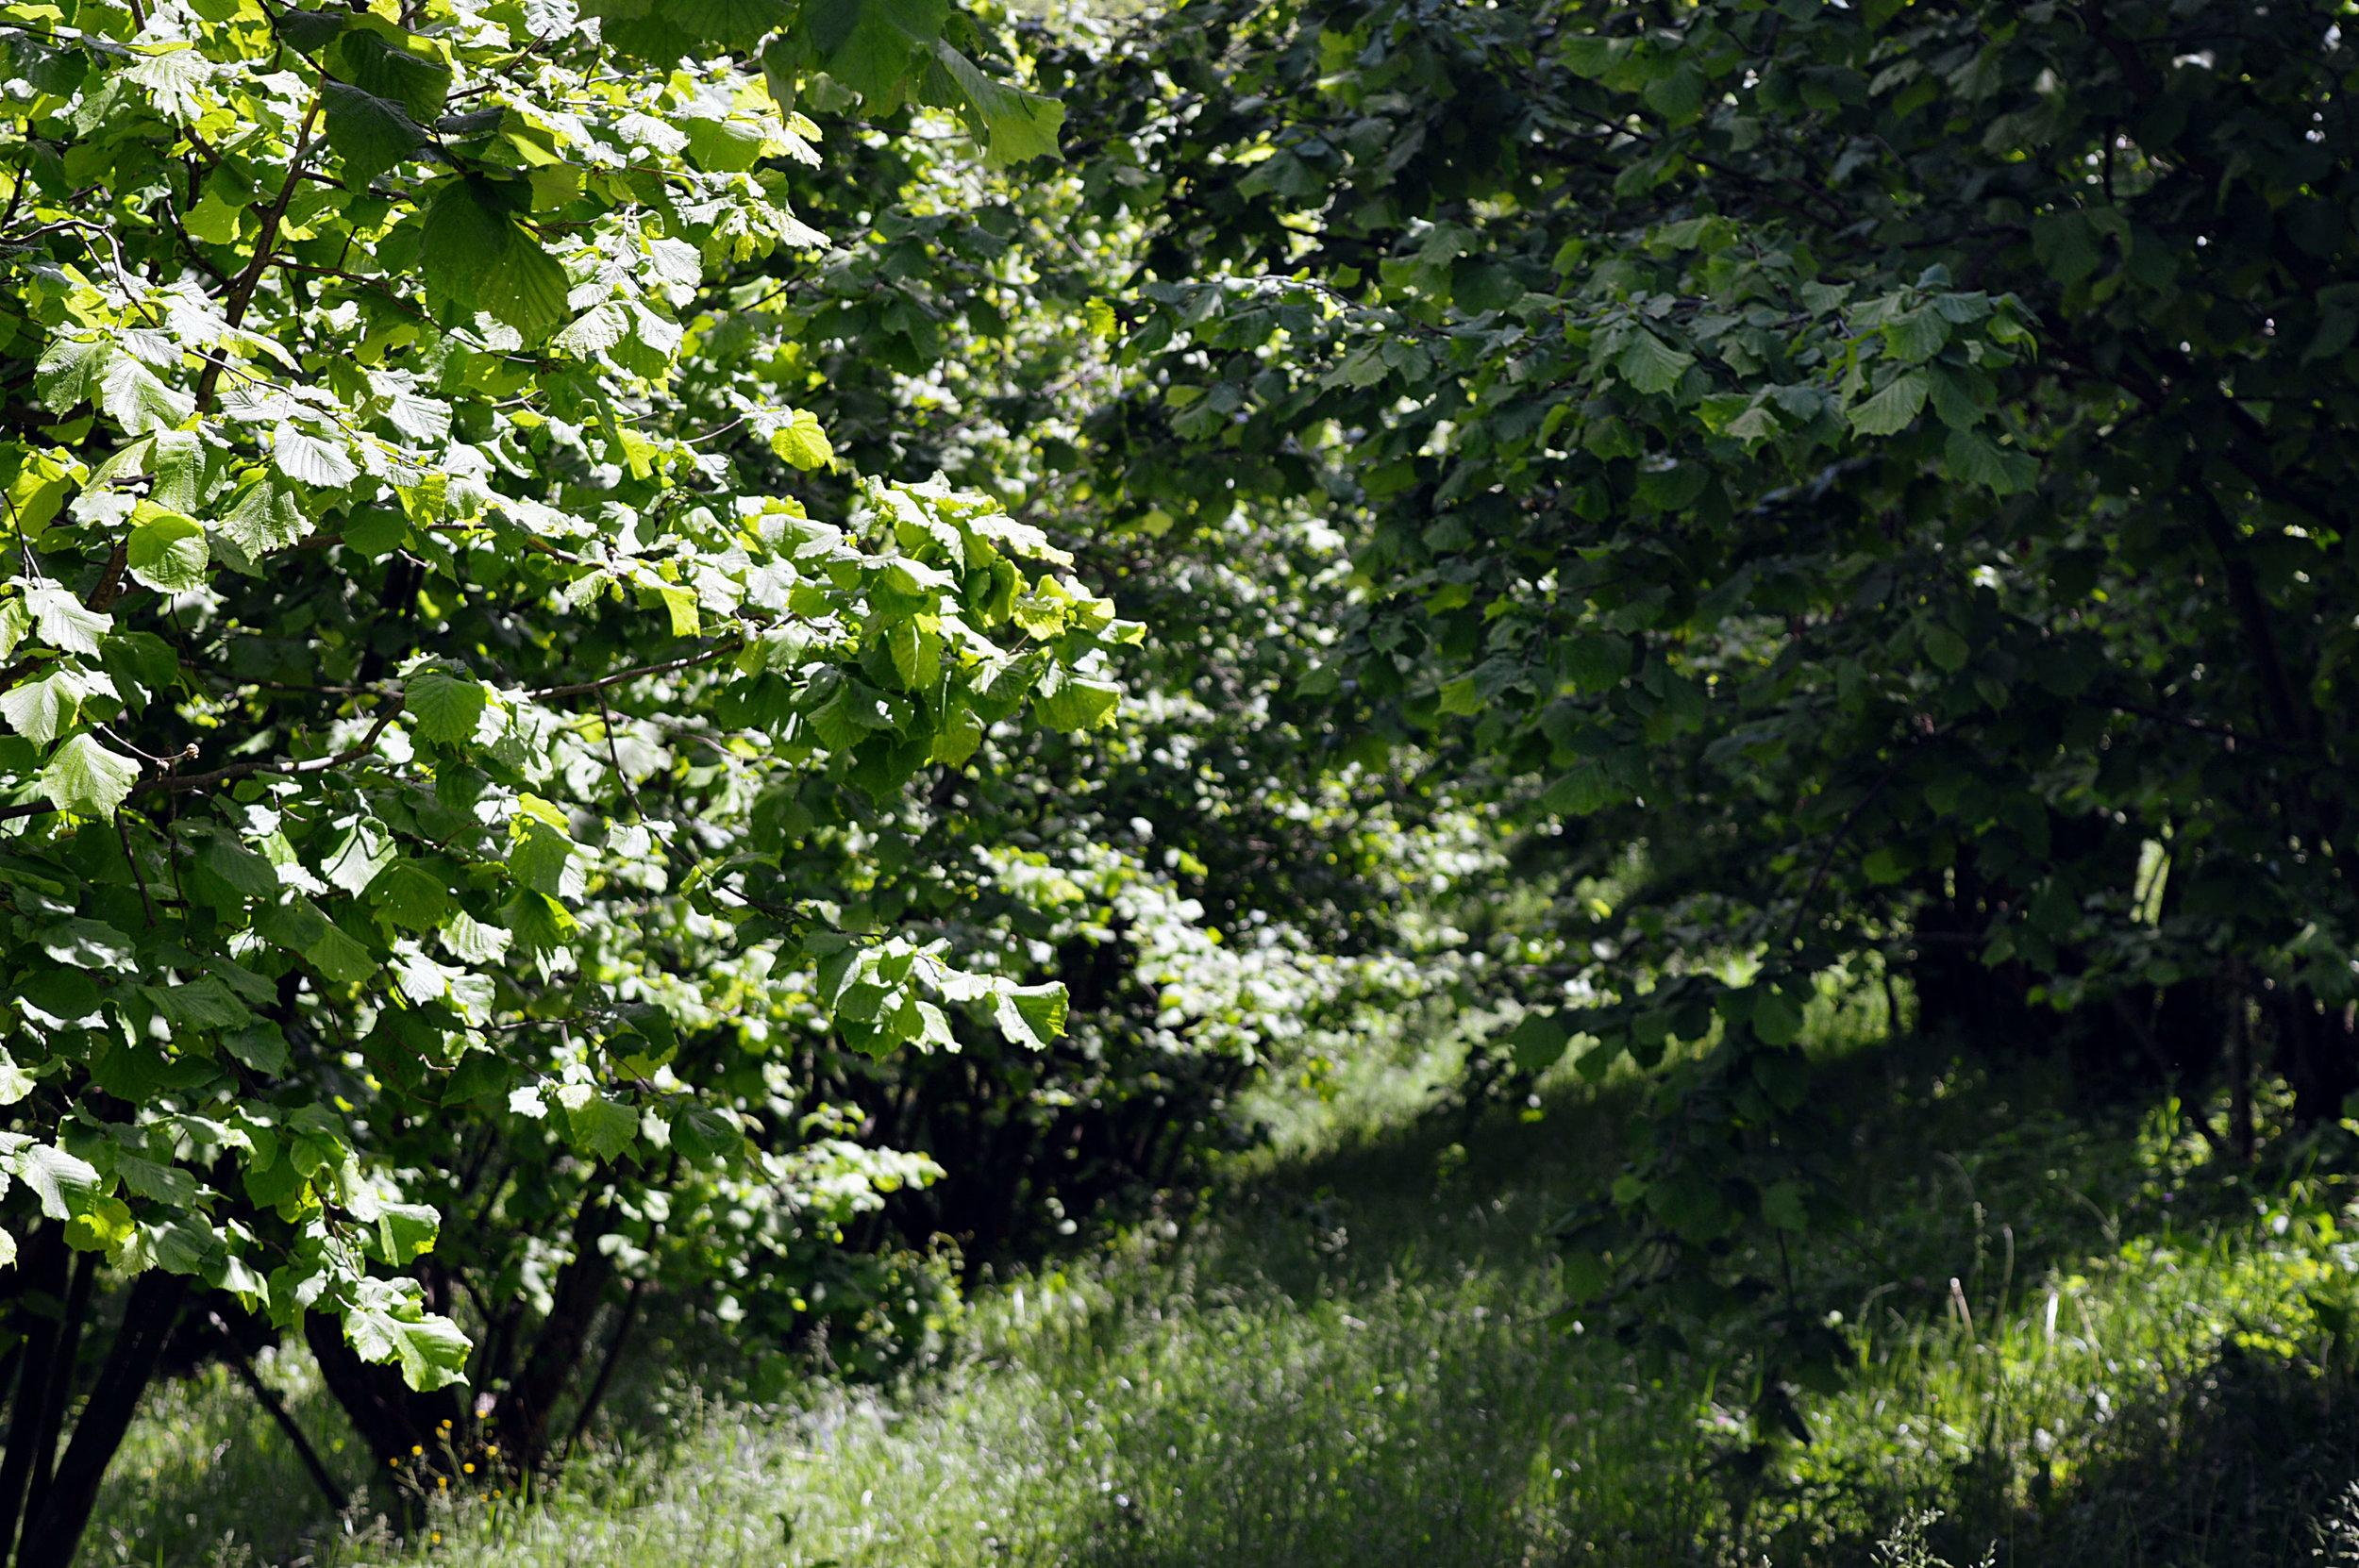 nutrire il paesaggio - UN METODO EFFICACE E NATURALE PER FERTILIZZARE IL TERRENO